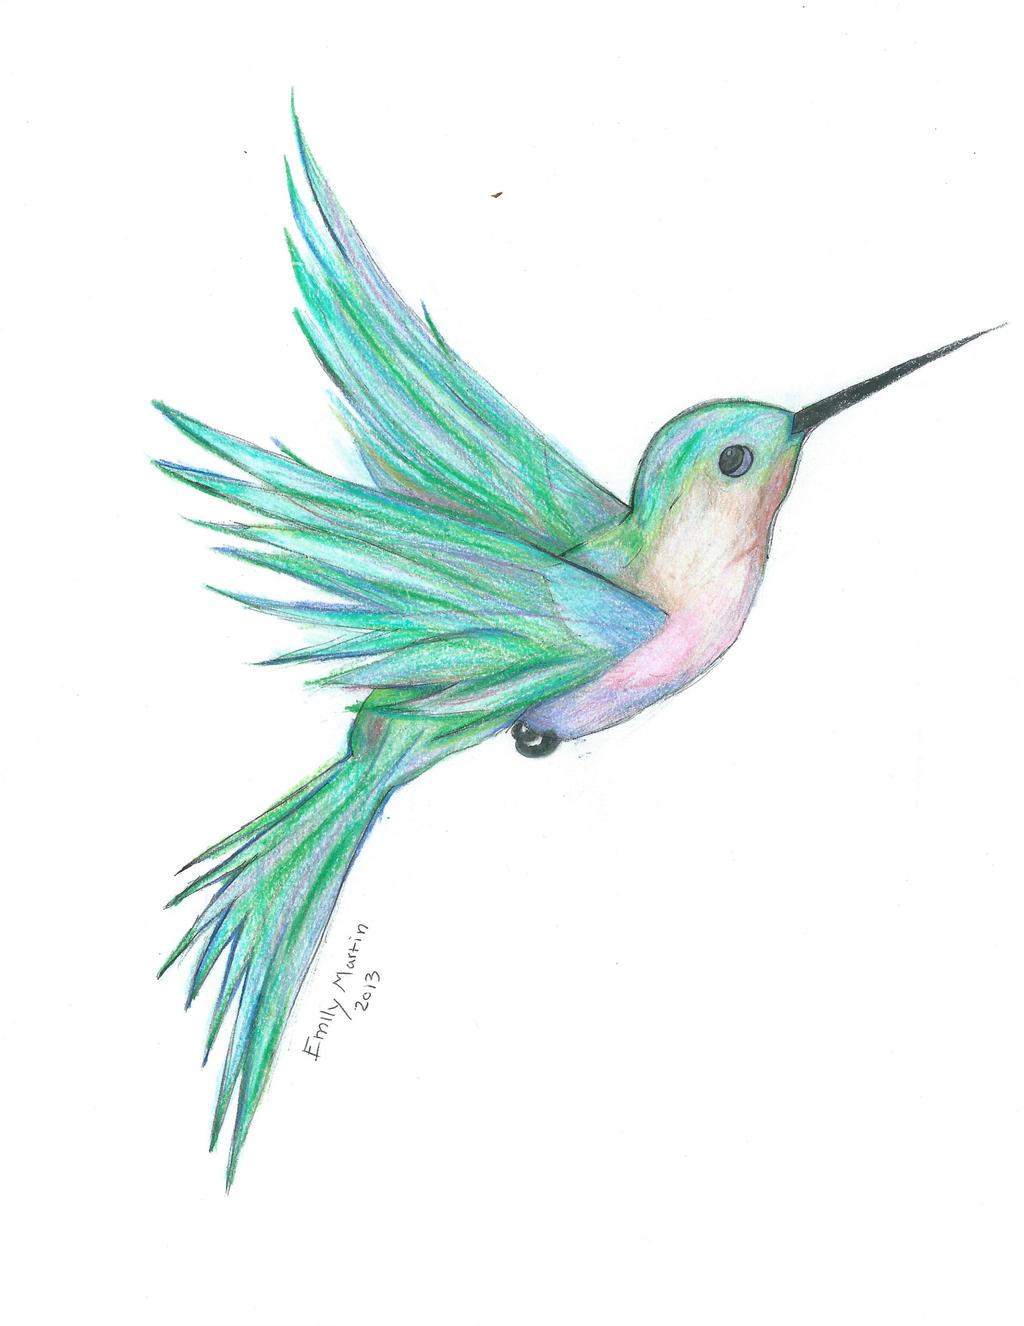 Hummingbird By EmilySmiles 17 On DeviantArt